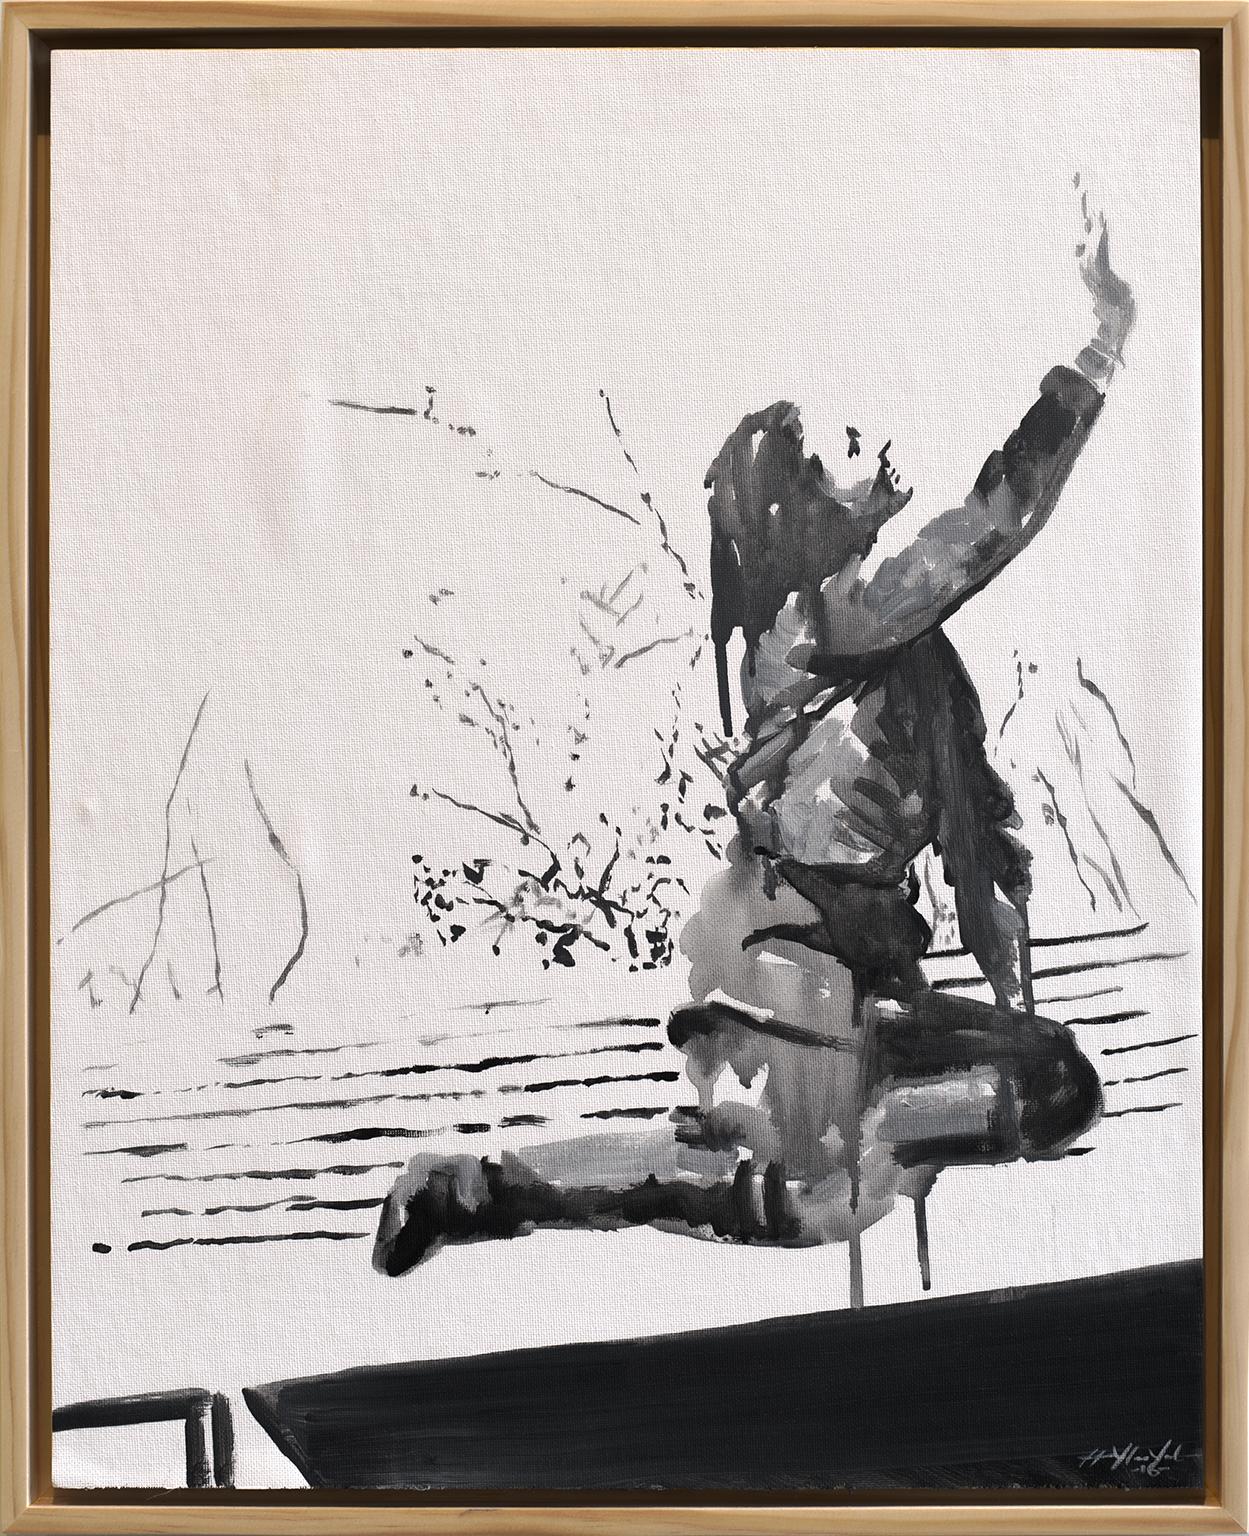 Kneeling Pose 2 - Reach 16x20 small.jpg